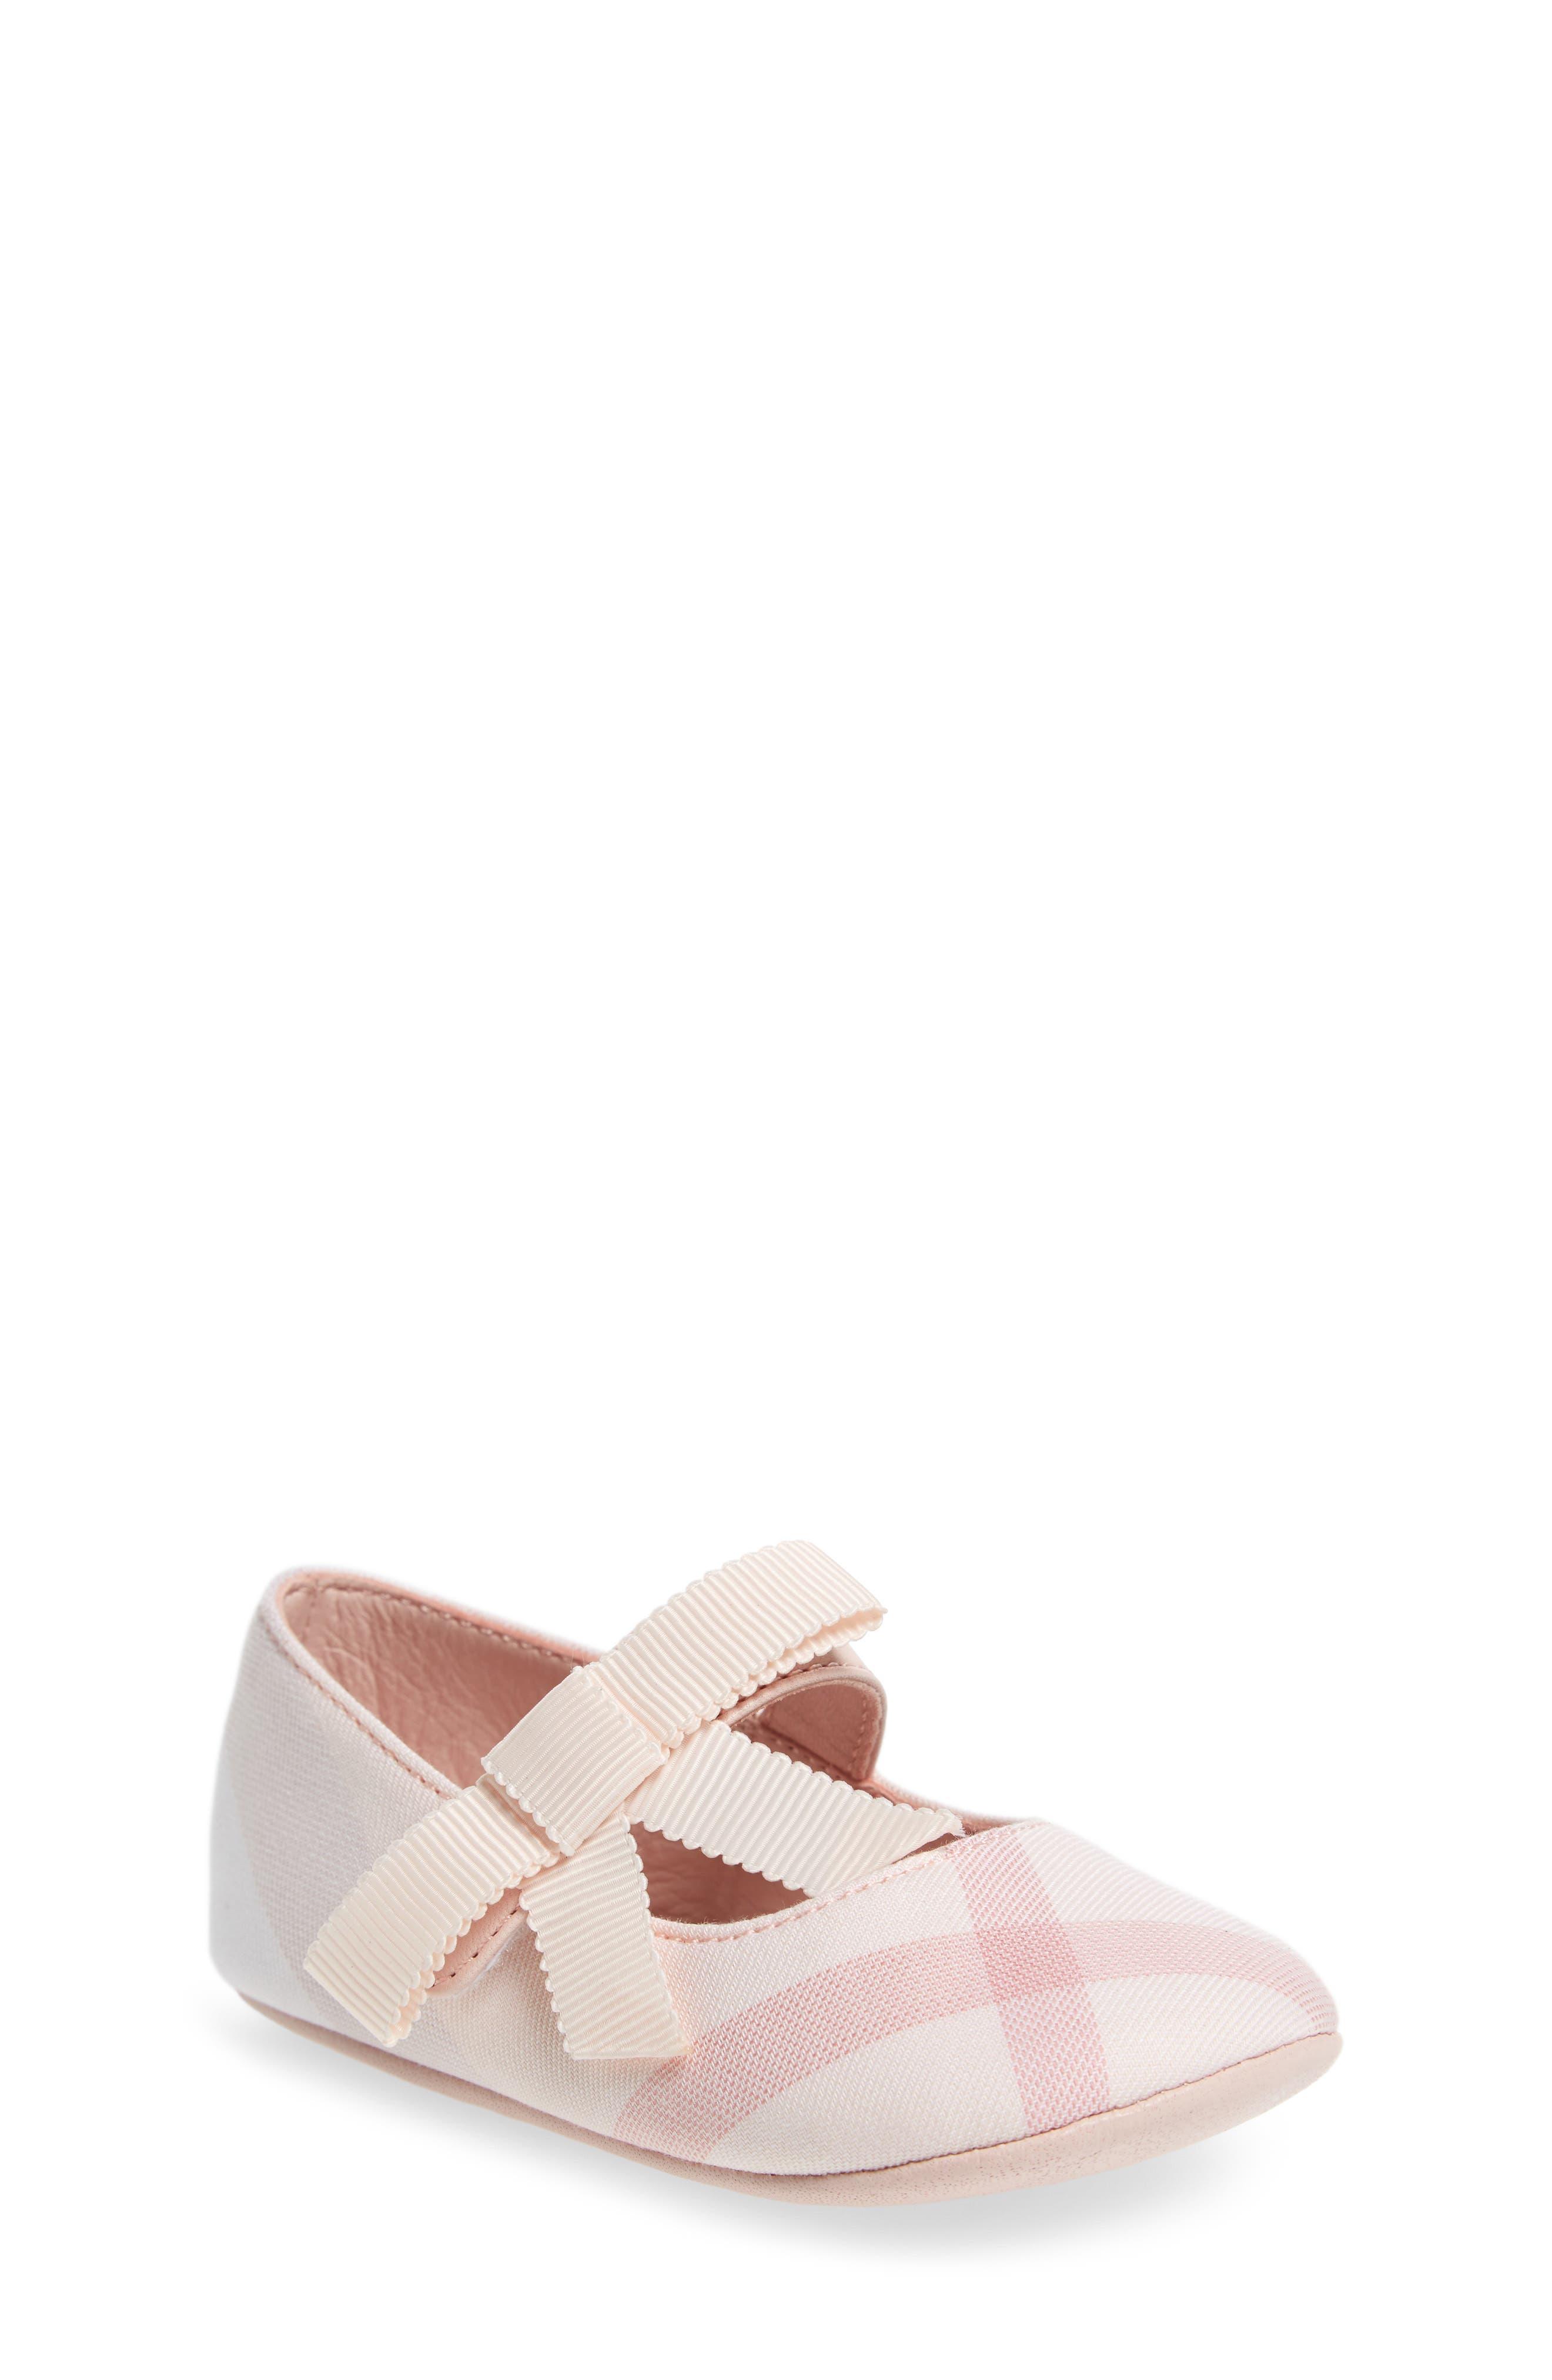 Main Image - Burberry Stark Mary Jane Crib Shoe (Baby)